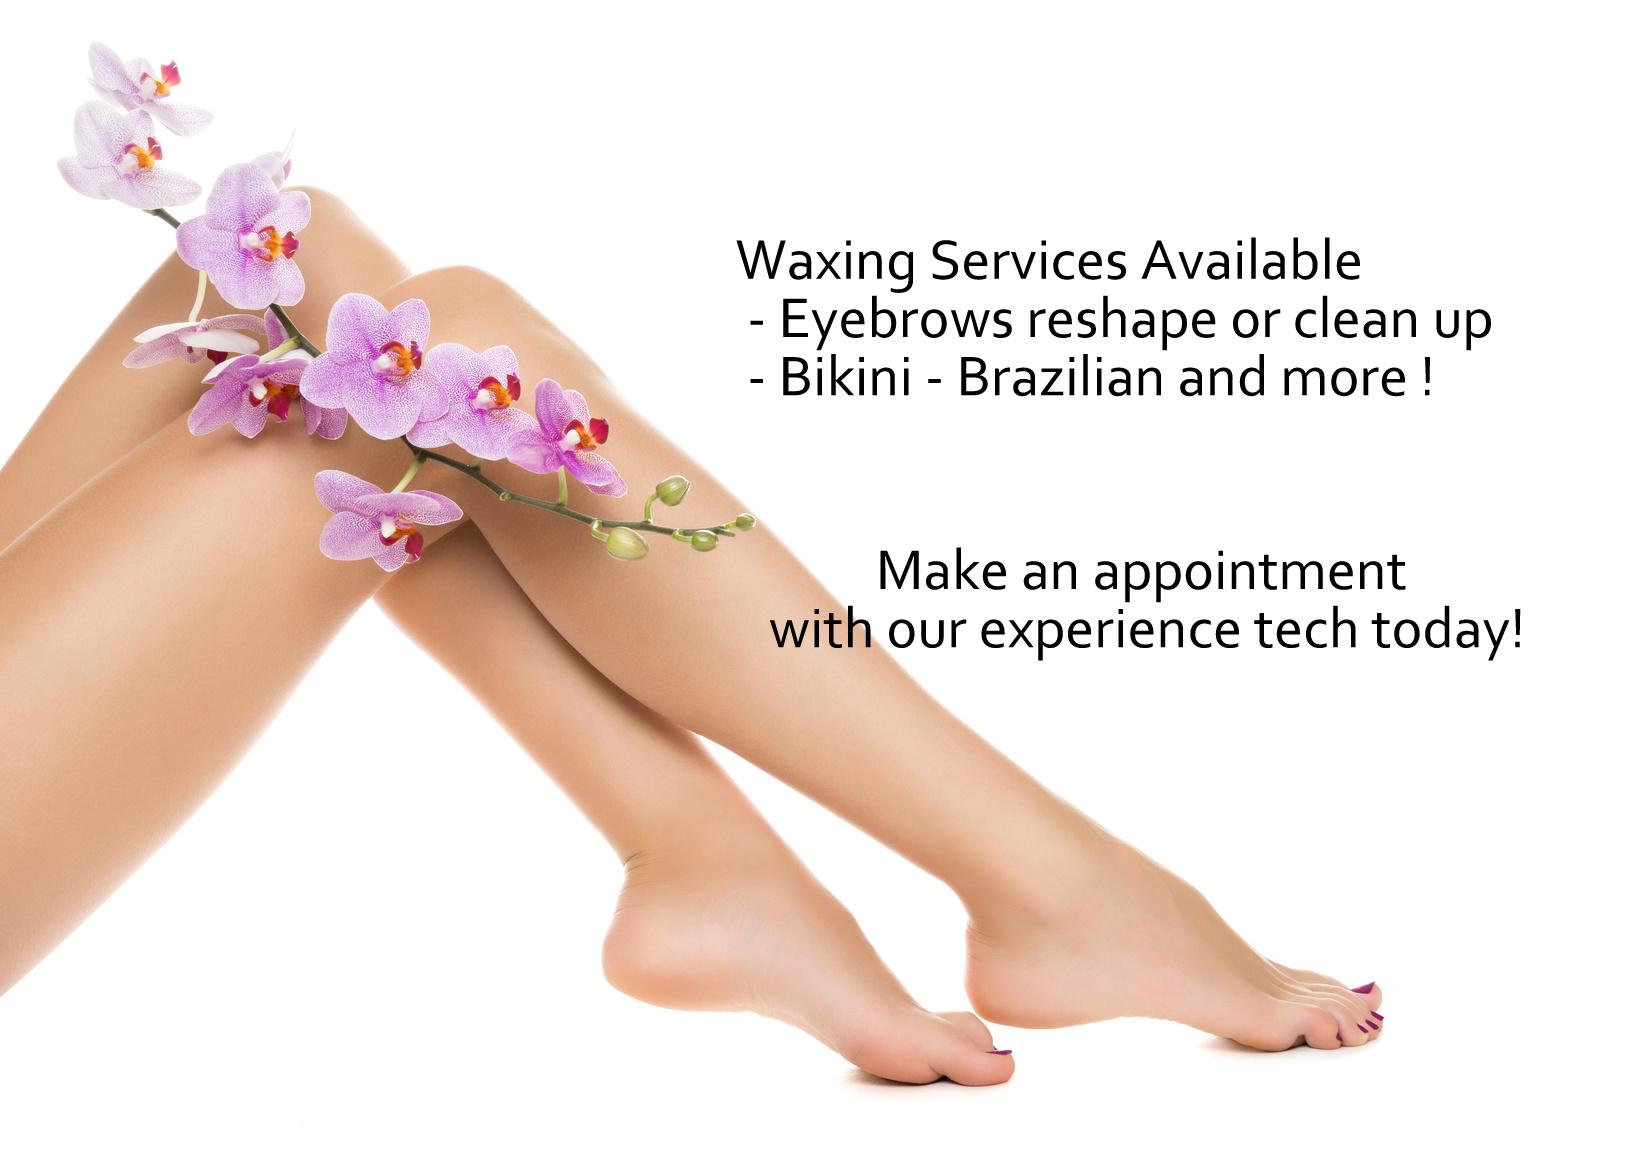 Bikini - Brazilian - Brows